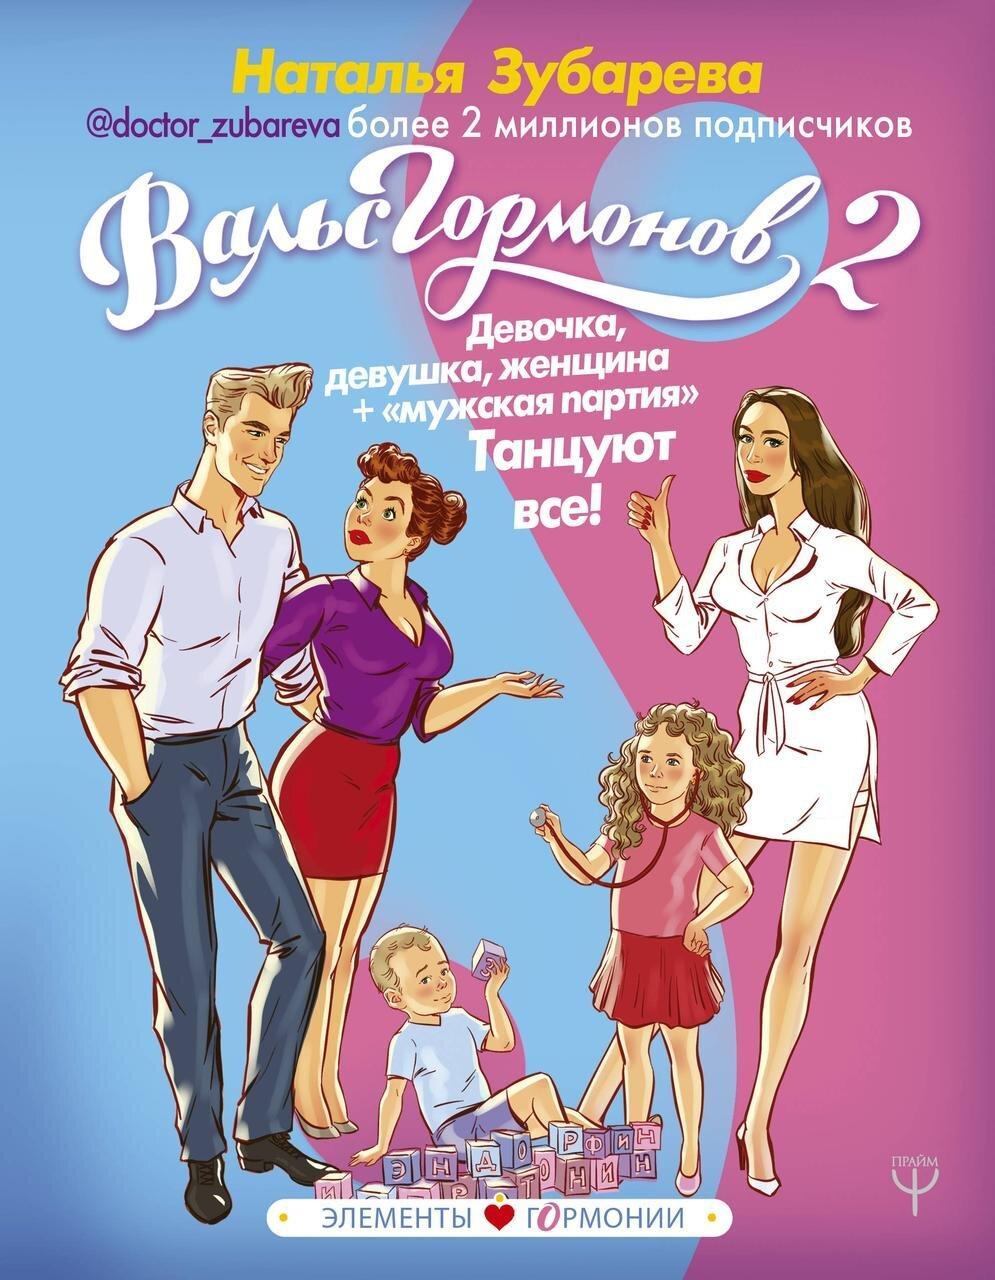 """Вальс гормонов 2. Девочка, девушка, женщина + """"мужская партия"""". Танцуют все! Н.Зубарева"""